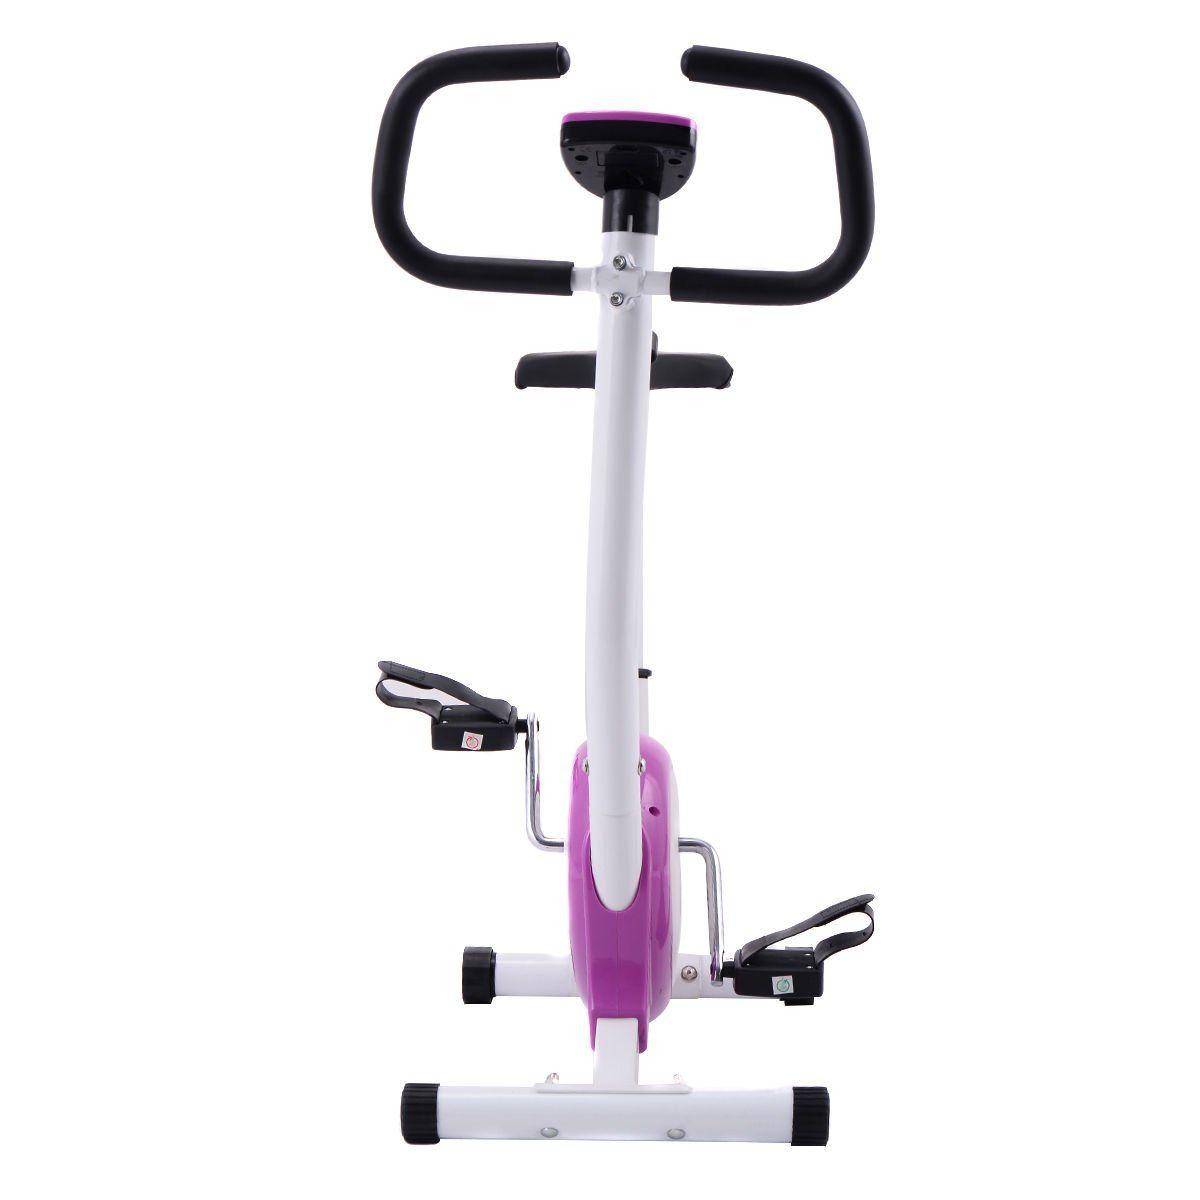 Goplus upright exercise bike stationary cycling